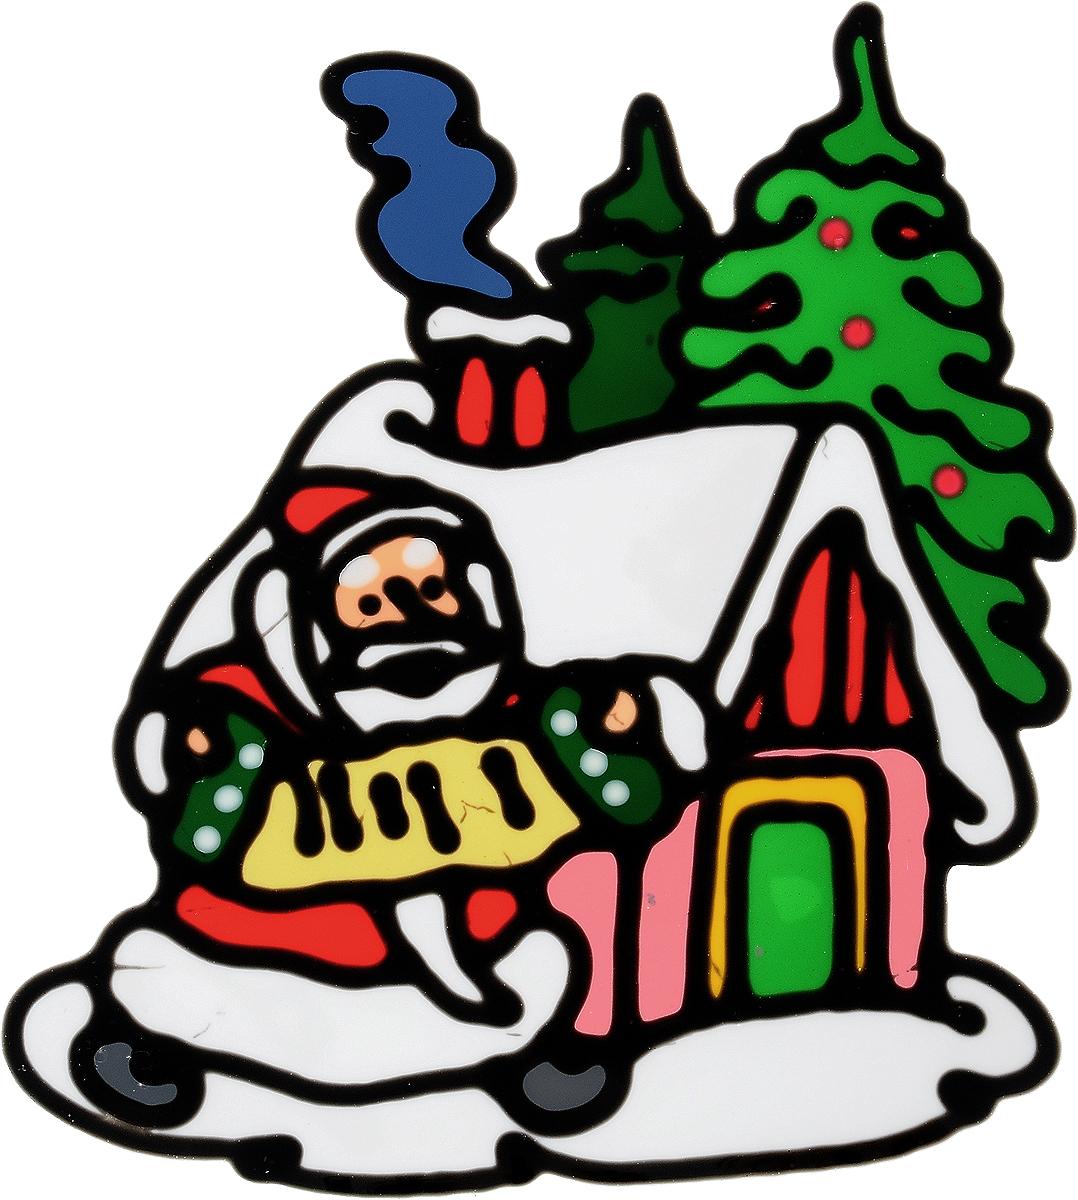 Украшение новогоднее оконное Winter Wings Дед Мороз у домика, 16 х 17,5 смN09316Новогоднее оконное украшение Winter Wings Дед Мороз у домика поможет украсить дом к предстоящим праздникам. Наклейка изготовлена из ПВХ.С помощью этих украшений вы сможете оживить интерьер по своему вкусу, наклеить их на окно, на зеркало или на дверь.Новогодние украшения всегда несут в себе волшебство и красоту праздника. Создайте в своем доме атмосферу тепла, веселья и радости, украшая его всей семьей. Размер наклейки: 16 х 17,5 см.